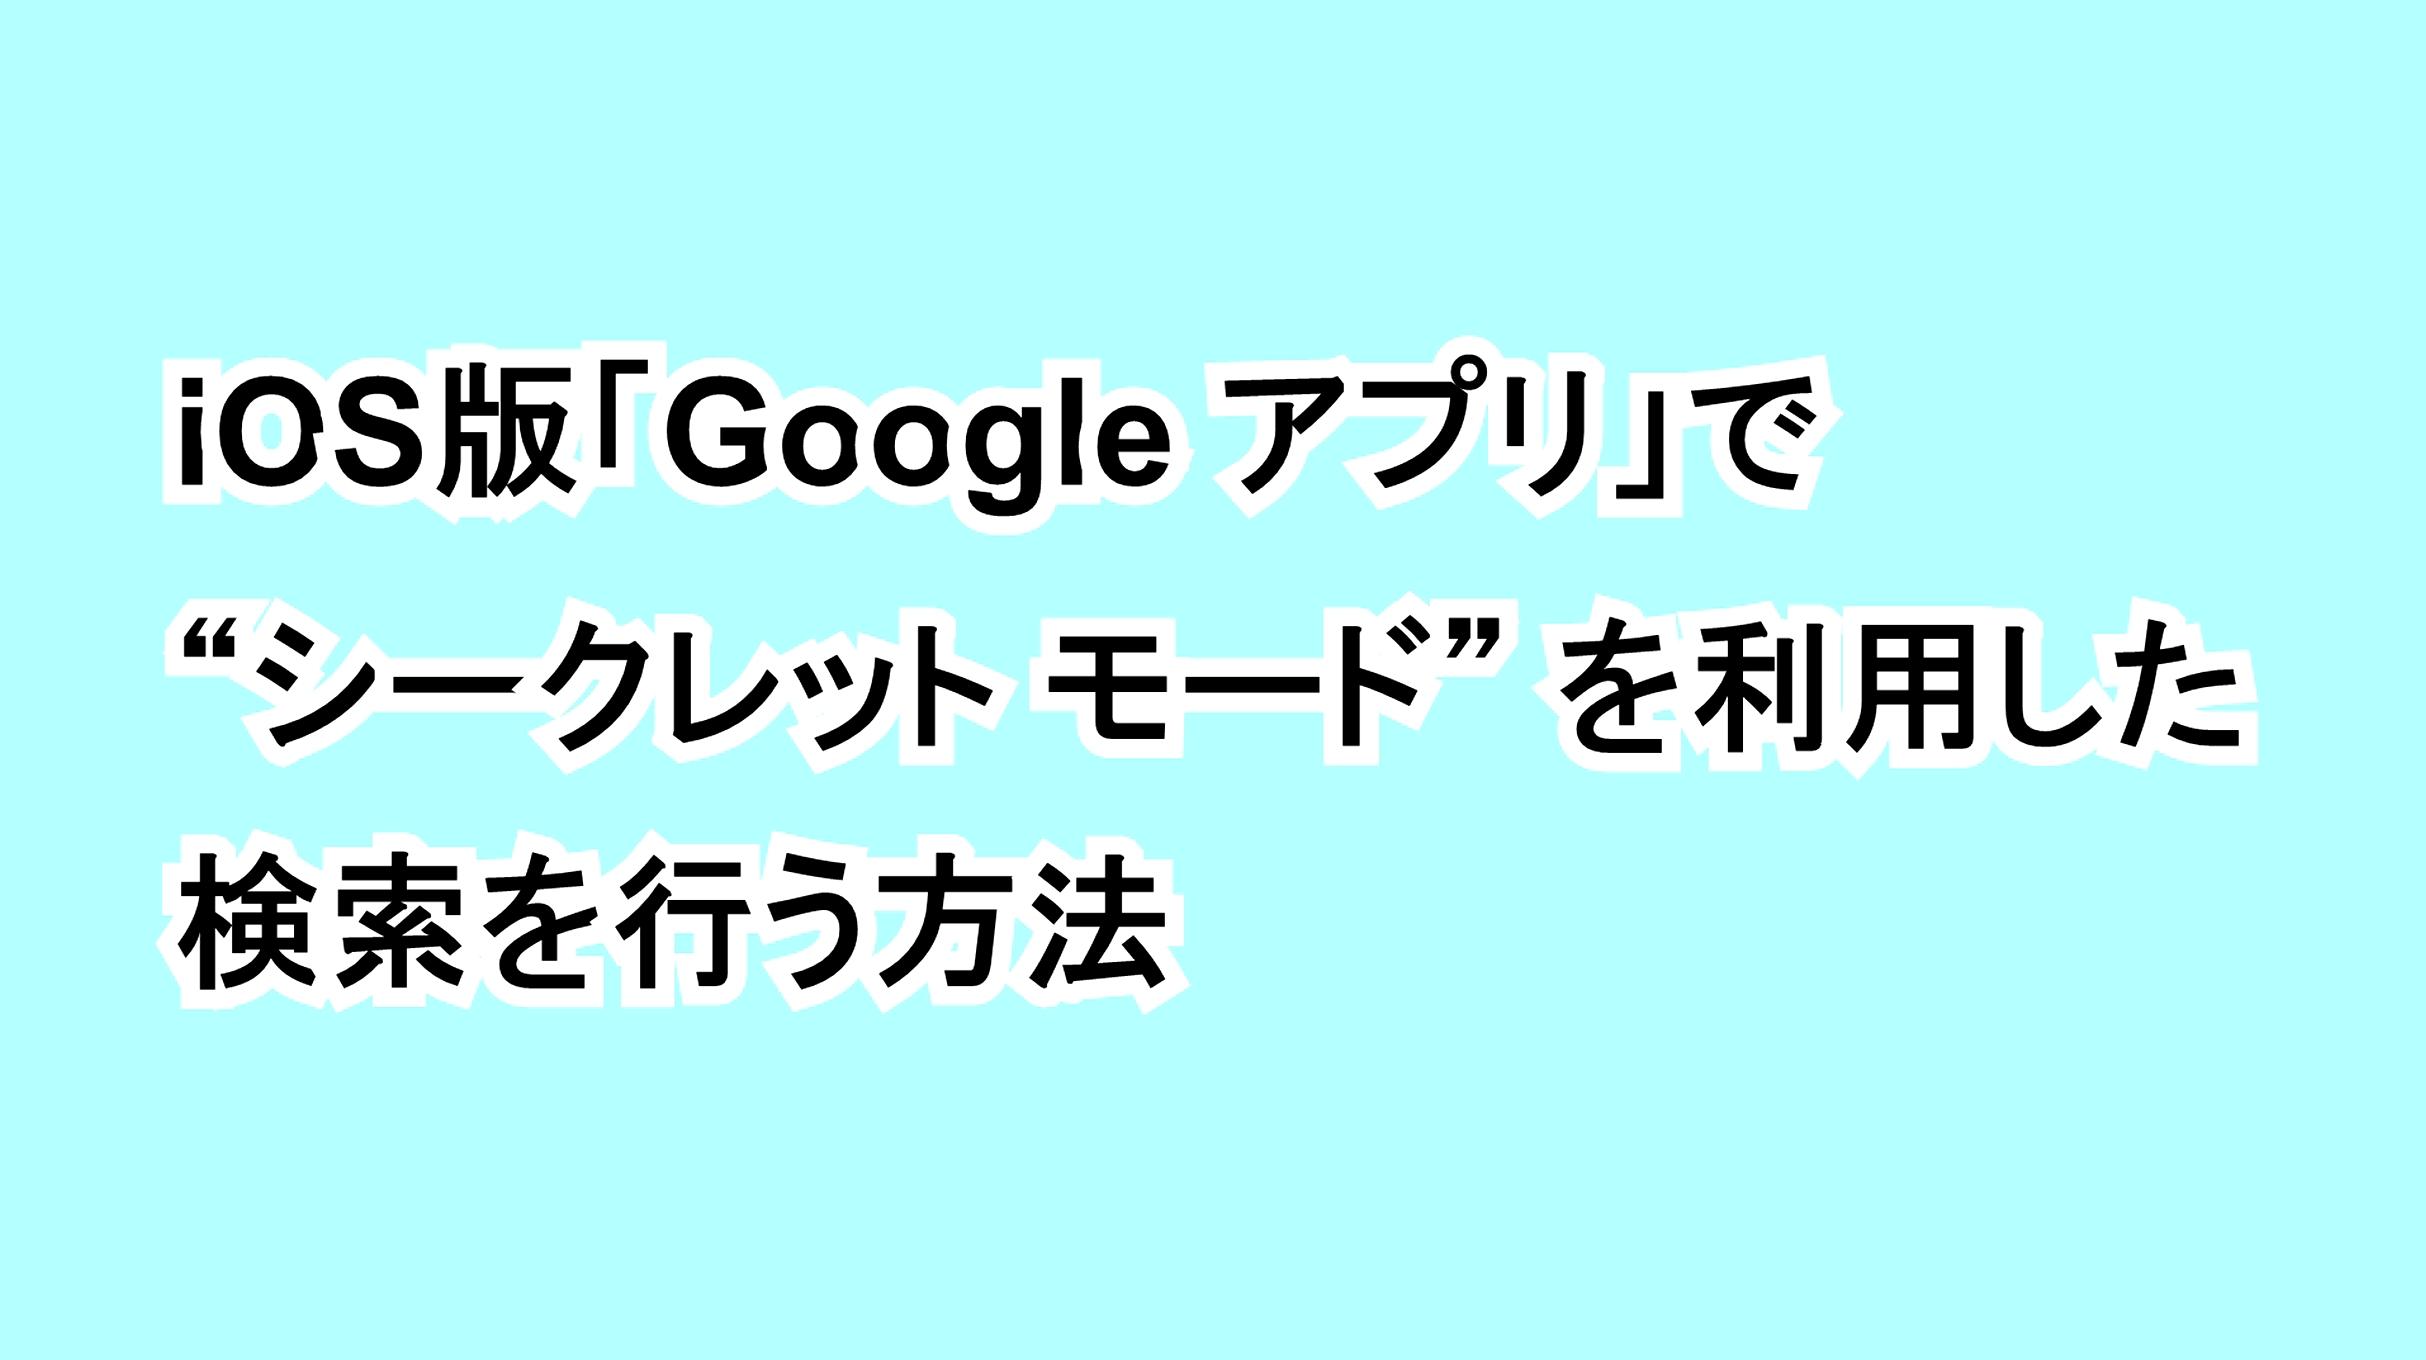 """iOS版「Google アプリ」で""""シークレット モード""""を利用した検索を行う方法"""